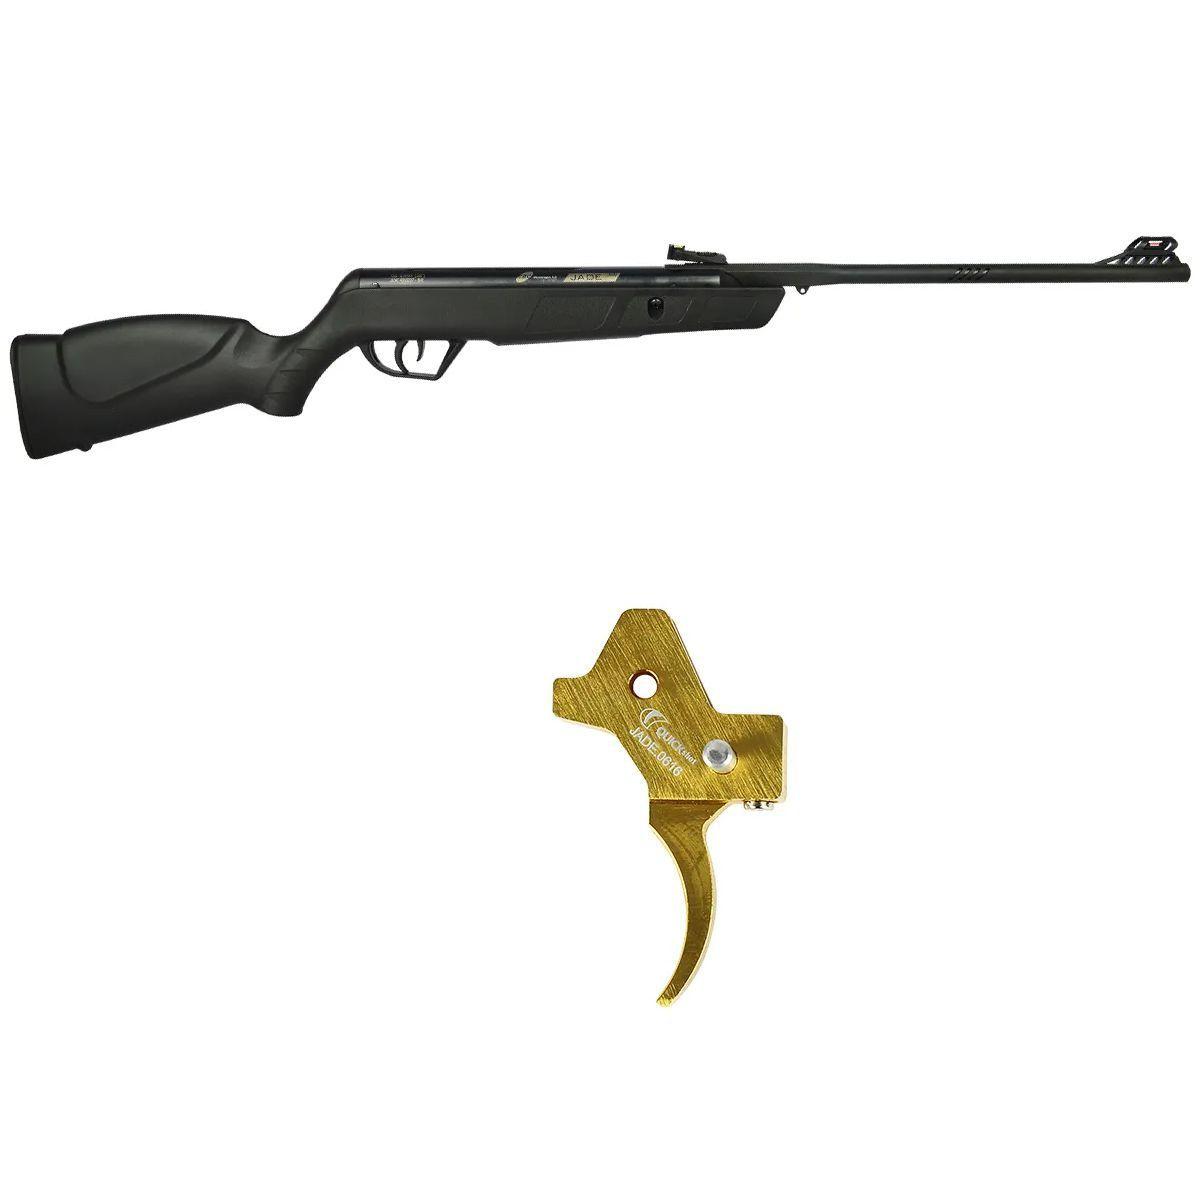 Carabina de Pressão CBC Jade Oxidada Preta 5.5mm + Gatilho Ajustável Dourado